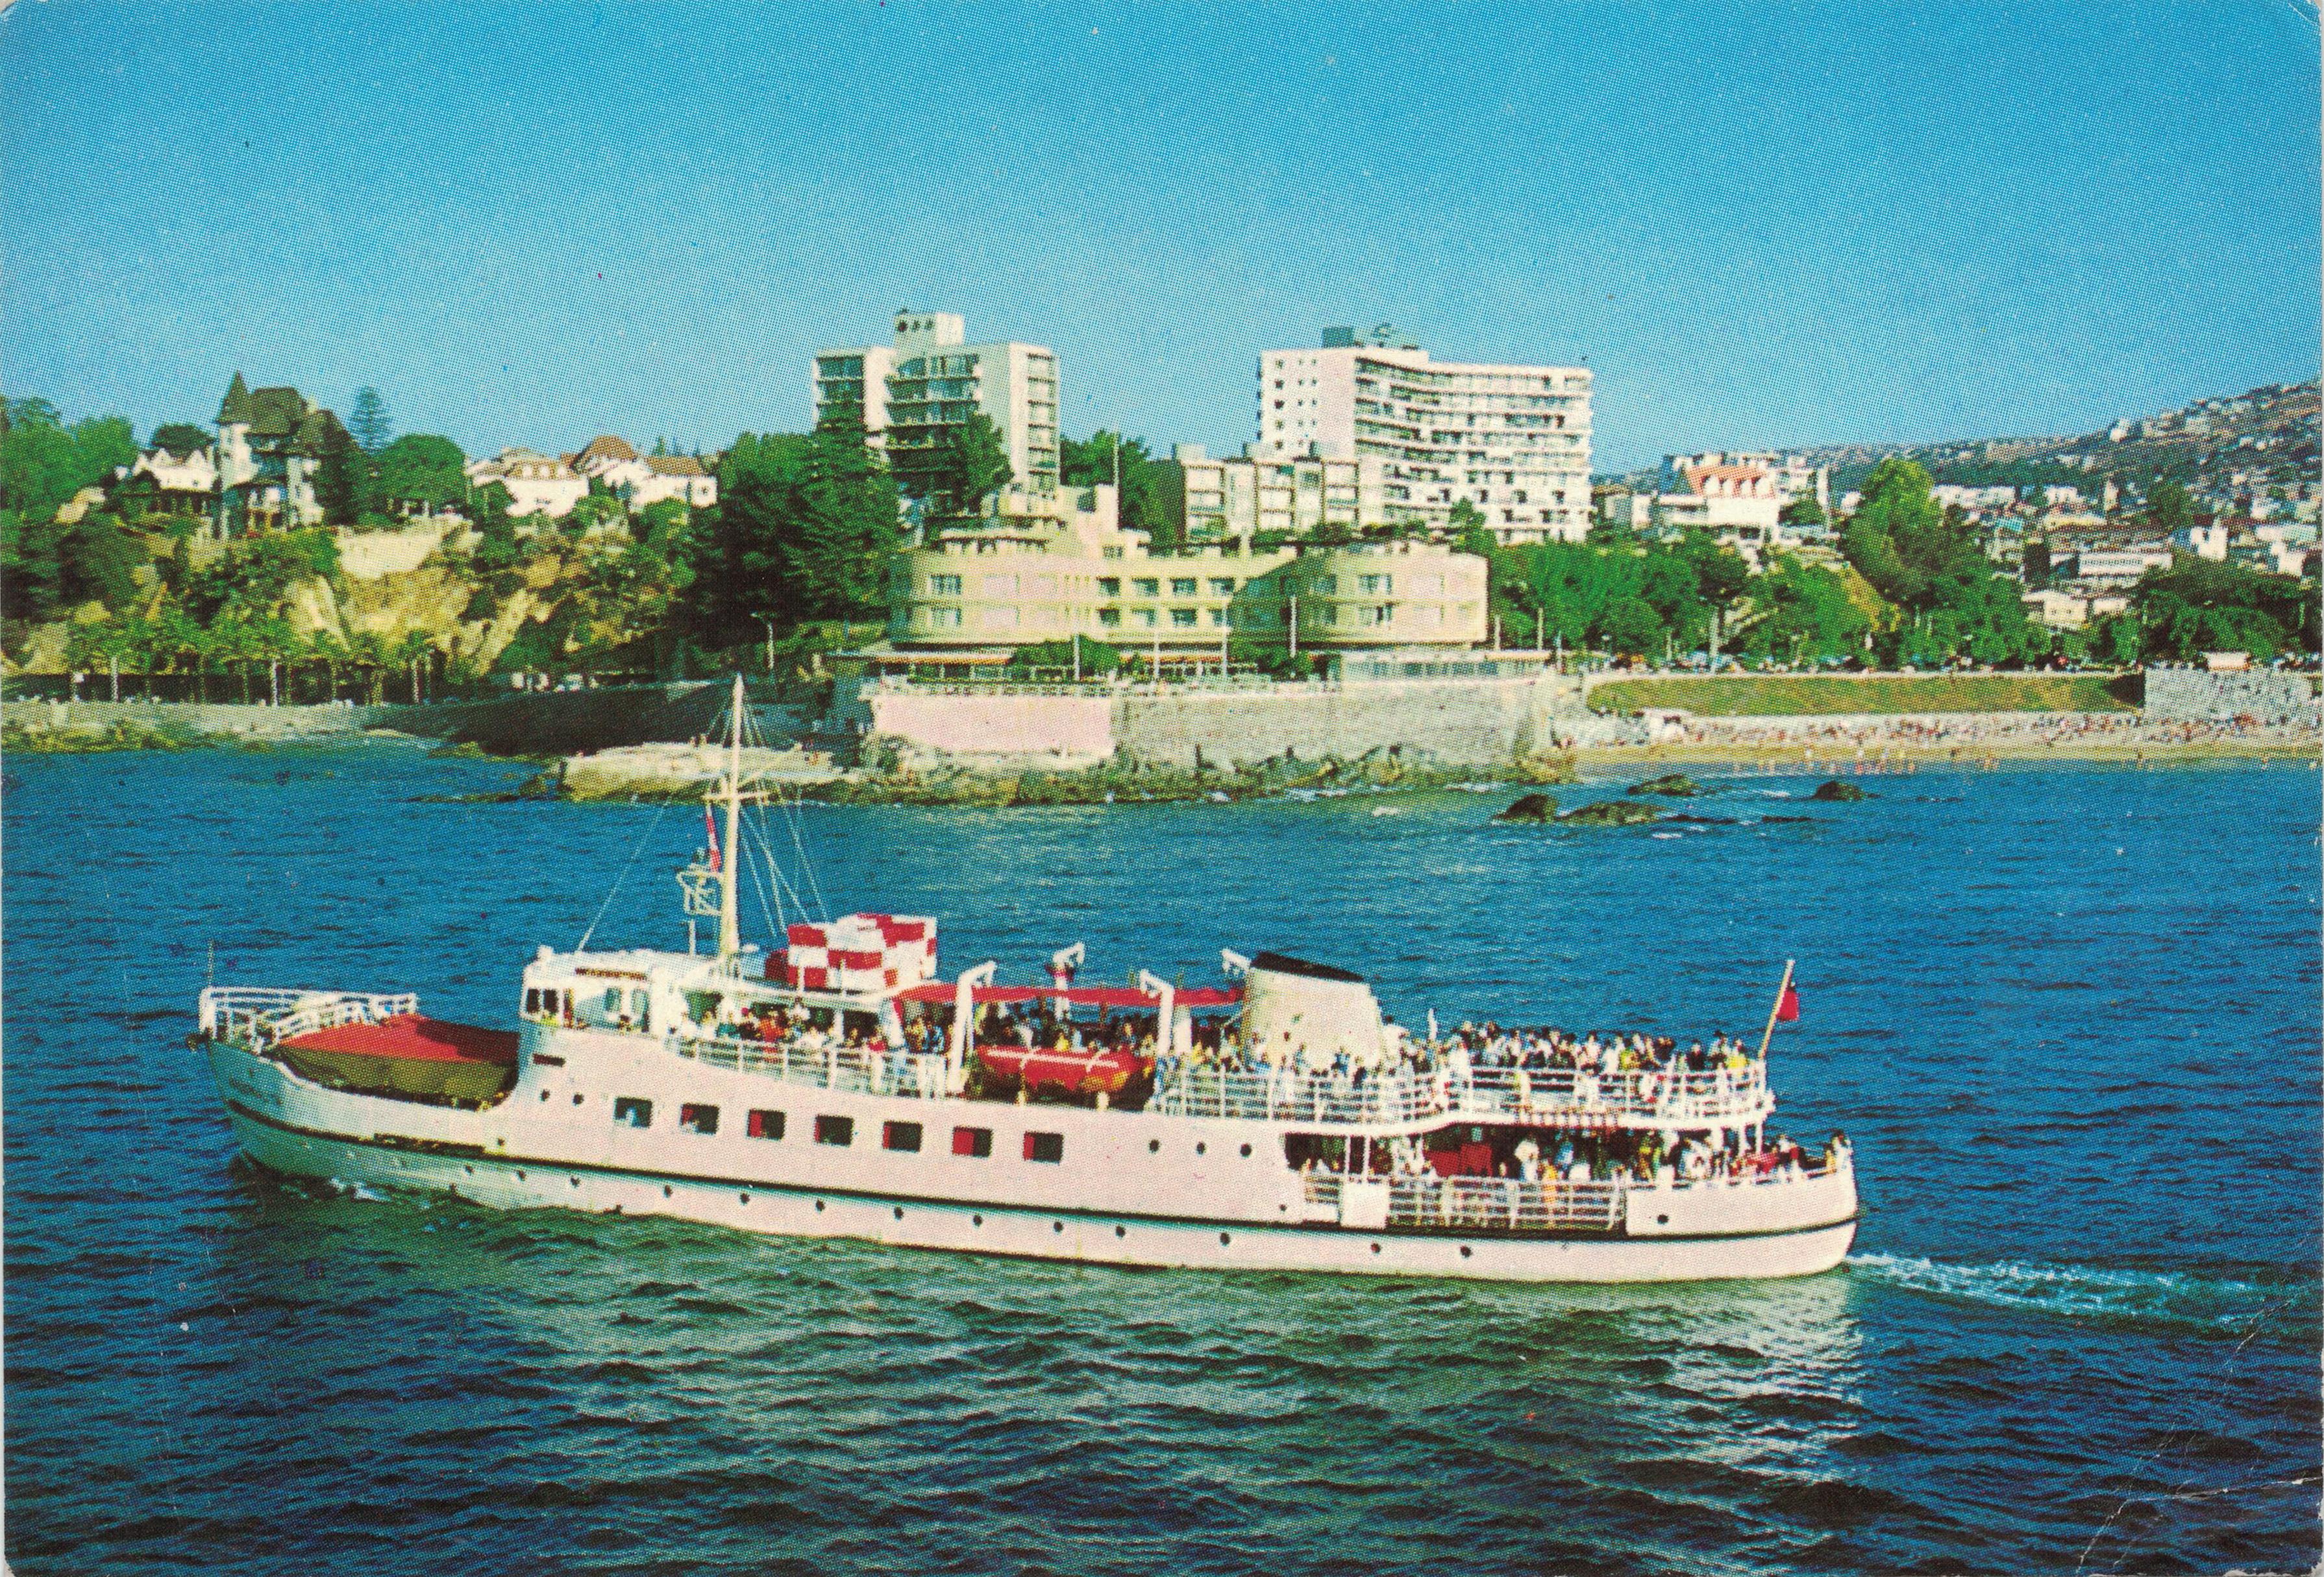 Enterreno - Fotos históricas de chile - fotos antiguas de Chile - Hotel Miramar, vistas desde el mar, Viña Del Mar 1972